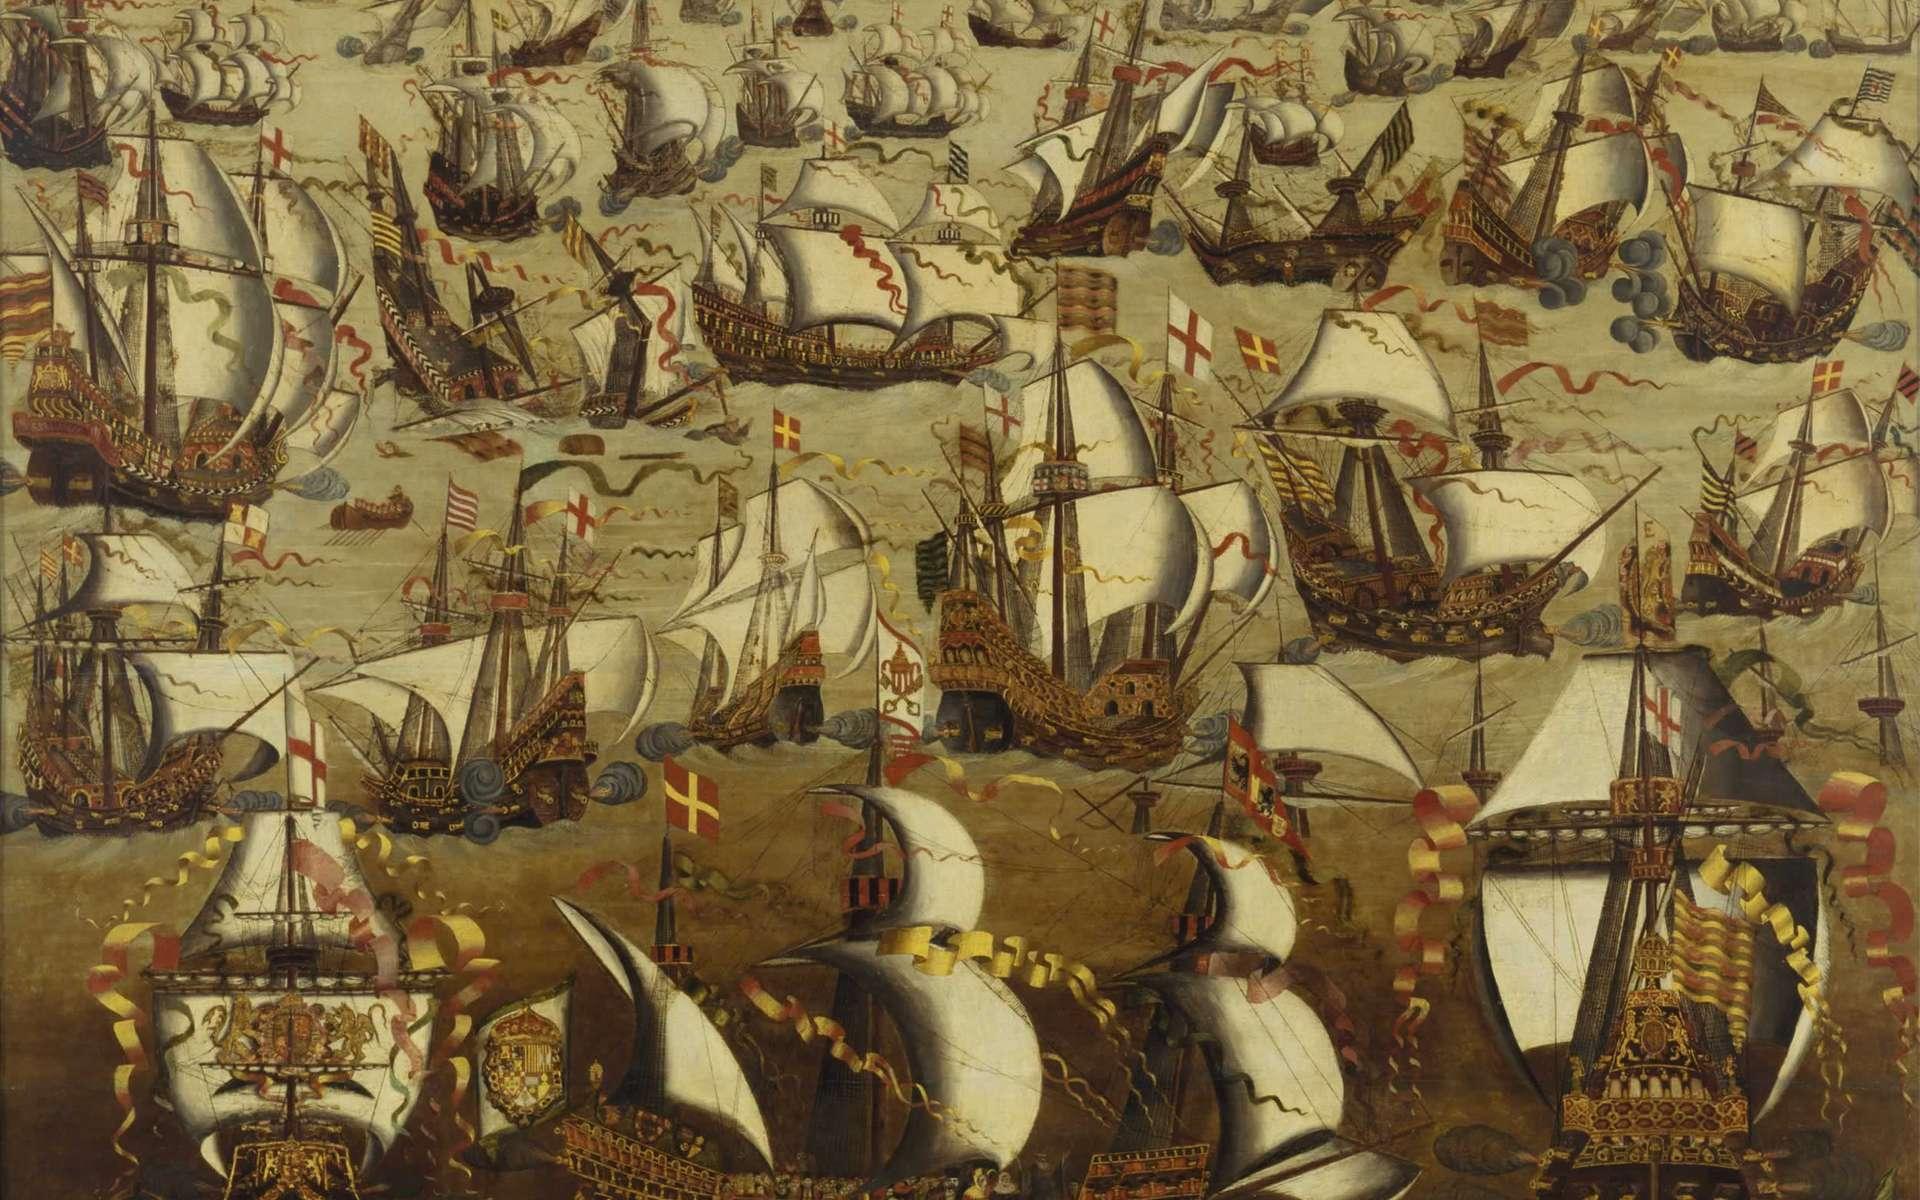 L'Invincible Armada combattant des vaisseaux anglais, en août 1588. Par la suite, les Espagnols annulèrent leur projet d'invasion de l'Angleterre. © Wikimedia Commons, DP